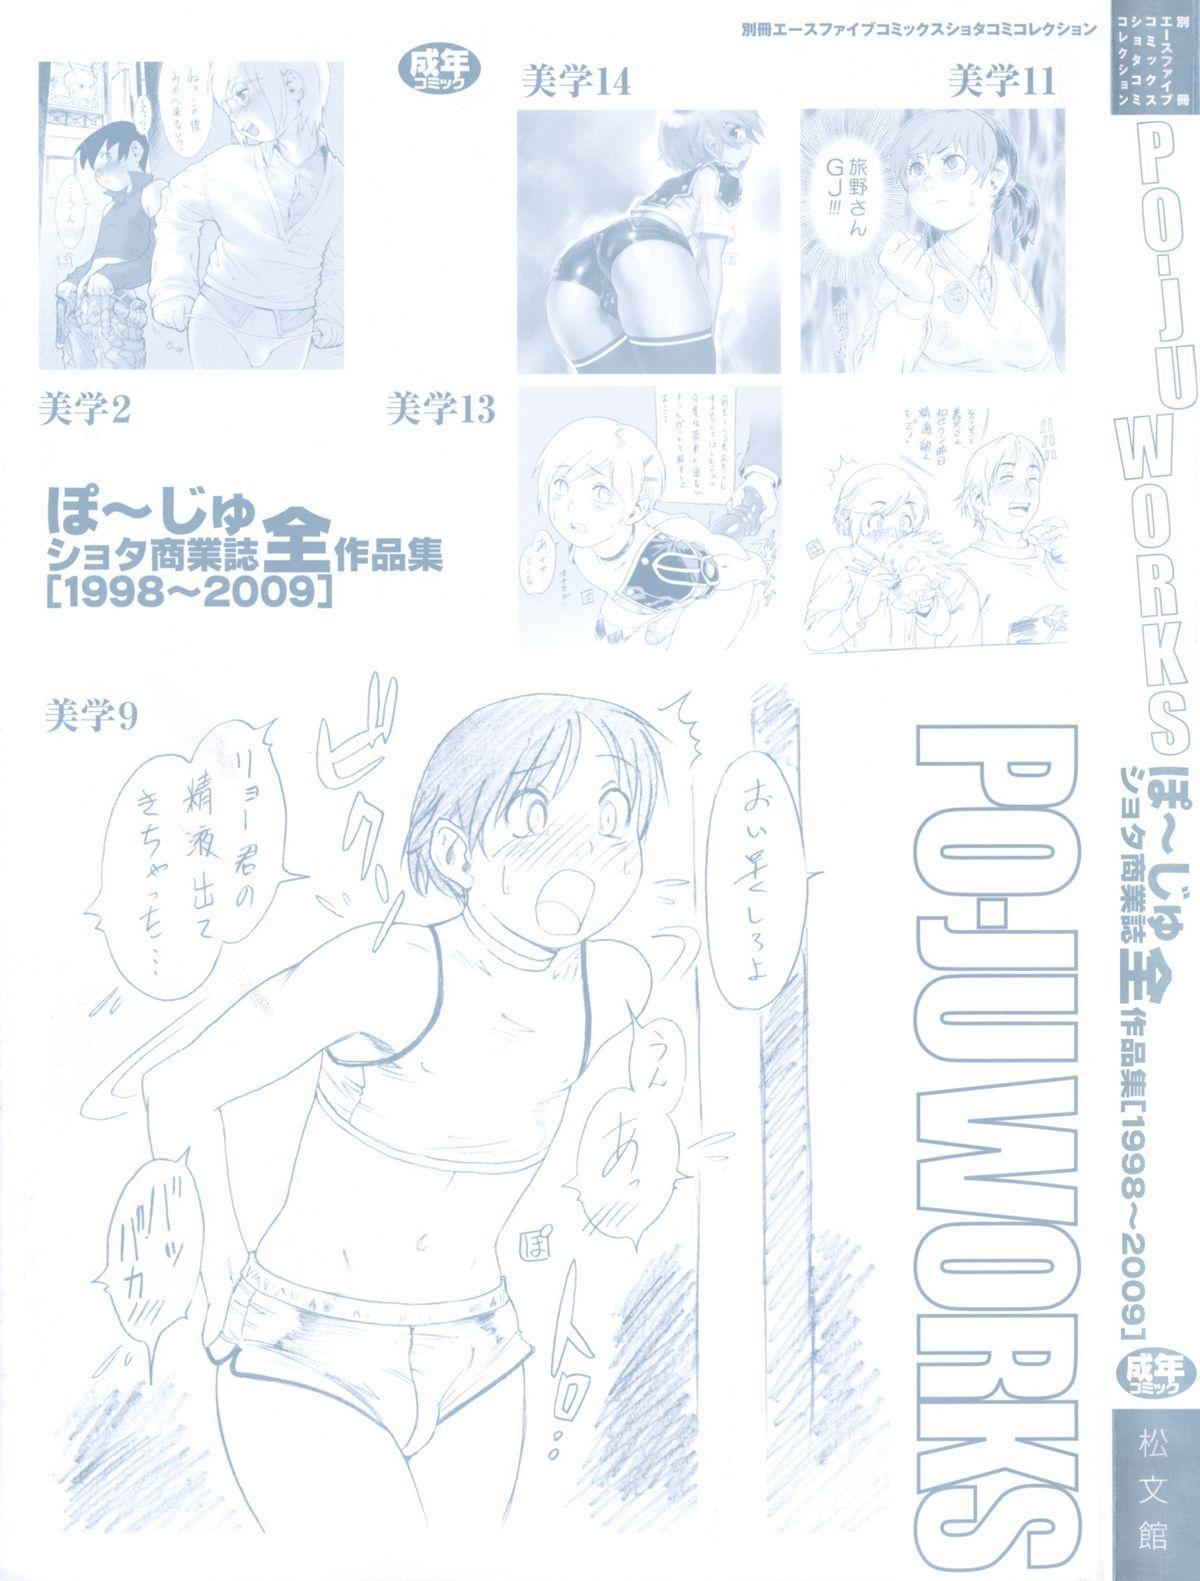 [Po-Ju] PO-JU WORKS - Po-Ju Shota Shougyoushi Zensakuhinshuu 1998-2009 3